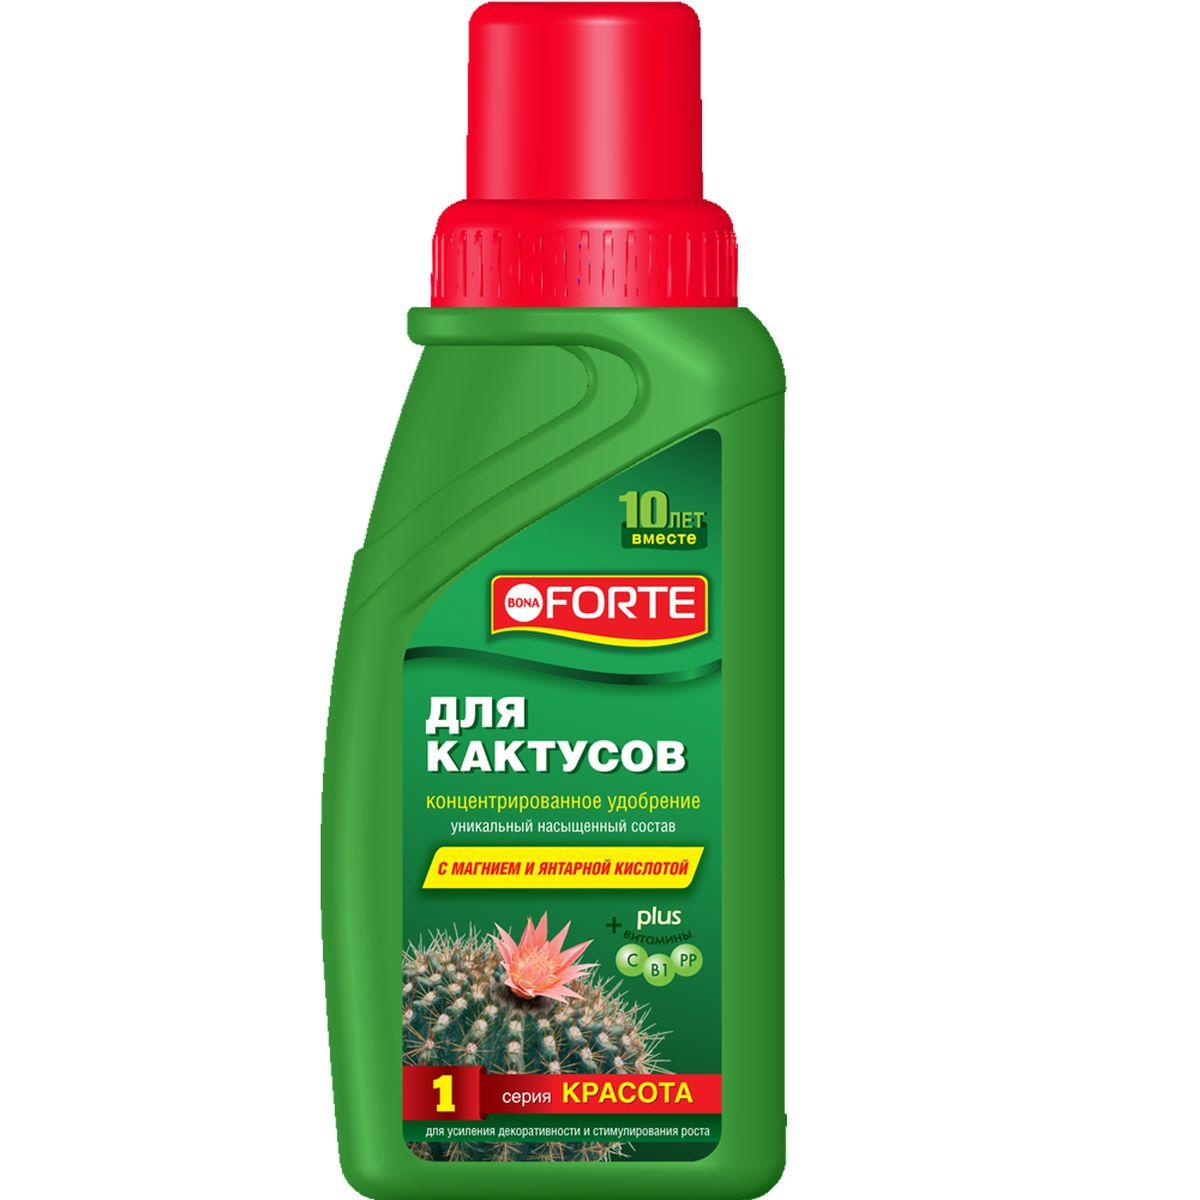 Жидкое комплексное удобрение Bona Forte, для кактусов, 285 млBF-21-01-020-1Жидкое комплексное удобрение для кактусов Bona Forte содержит полный комплекс веществ,необходимых для полноценного и сбалансированного питания растений: - высокая доля (15%) основных элементов (NPK), обеспечивающих усиленное питание длярастений, - высокая доля (0,3%) мезоэлемента (Mg), усиливающего процесс фотосинтеза, - комплекс основных микроэлементов в хелатной форме, что способствует полному ихусвоению и пролонгированному действию, - комплекс витаминов для поддержания и укрепления иммунной системы растений, - регулятор роста для стимулирования роста растений. Состав: - три основных макроэлемента (NPK): азот (N)-3%, фосфор (P2O5)-5%, калий(K2O)-7%, - основной мезоэлемент (Mg): магний (MgO)-0,3%, - семь микроэлементов: бор, железо, марганец, цинк, медь, молибден, кобальт, - комплекс витаминов: B1, PP, С, - стимулятор роста: янтарная кислота.Товар сертифицирован.